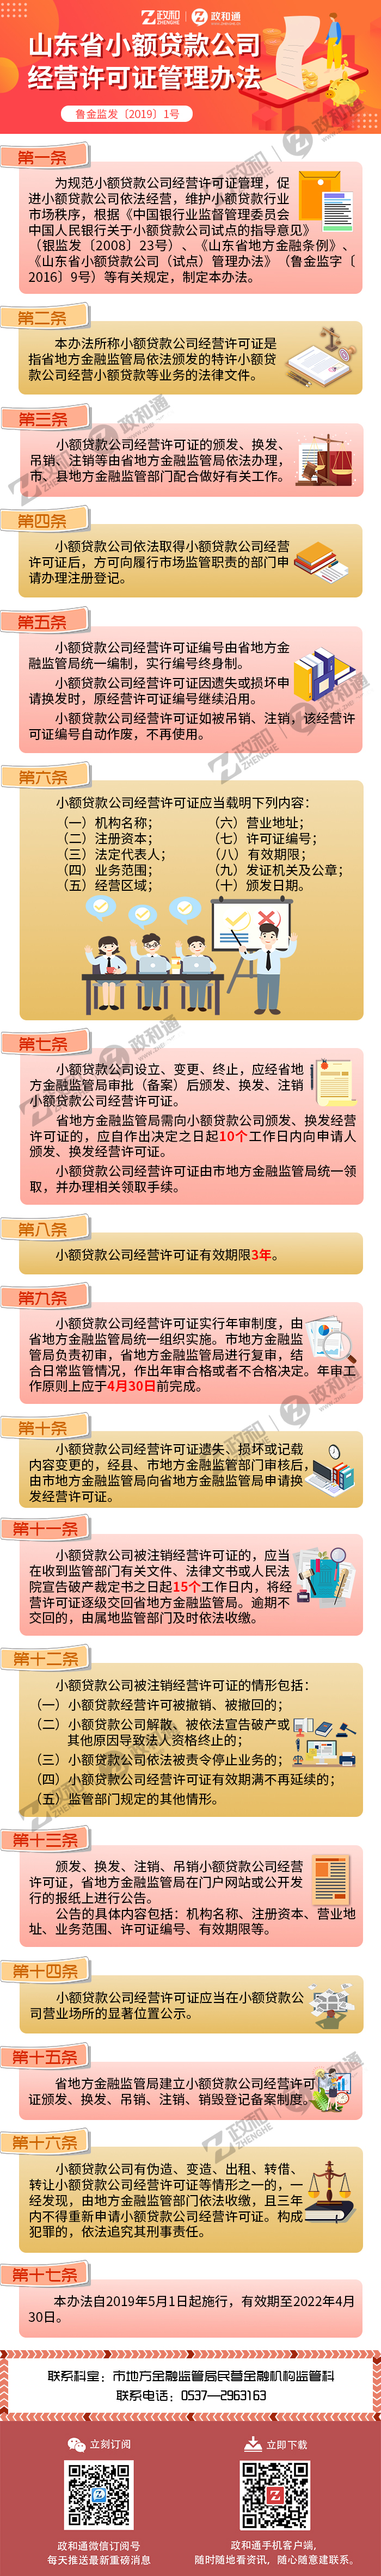 政和通 关于印发《山东省小额贷款公司经营许可证管理办法》的通知.jpg